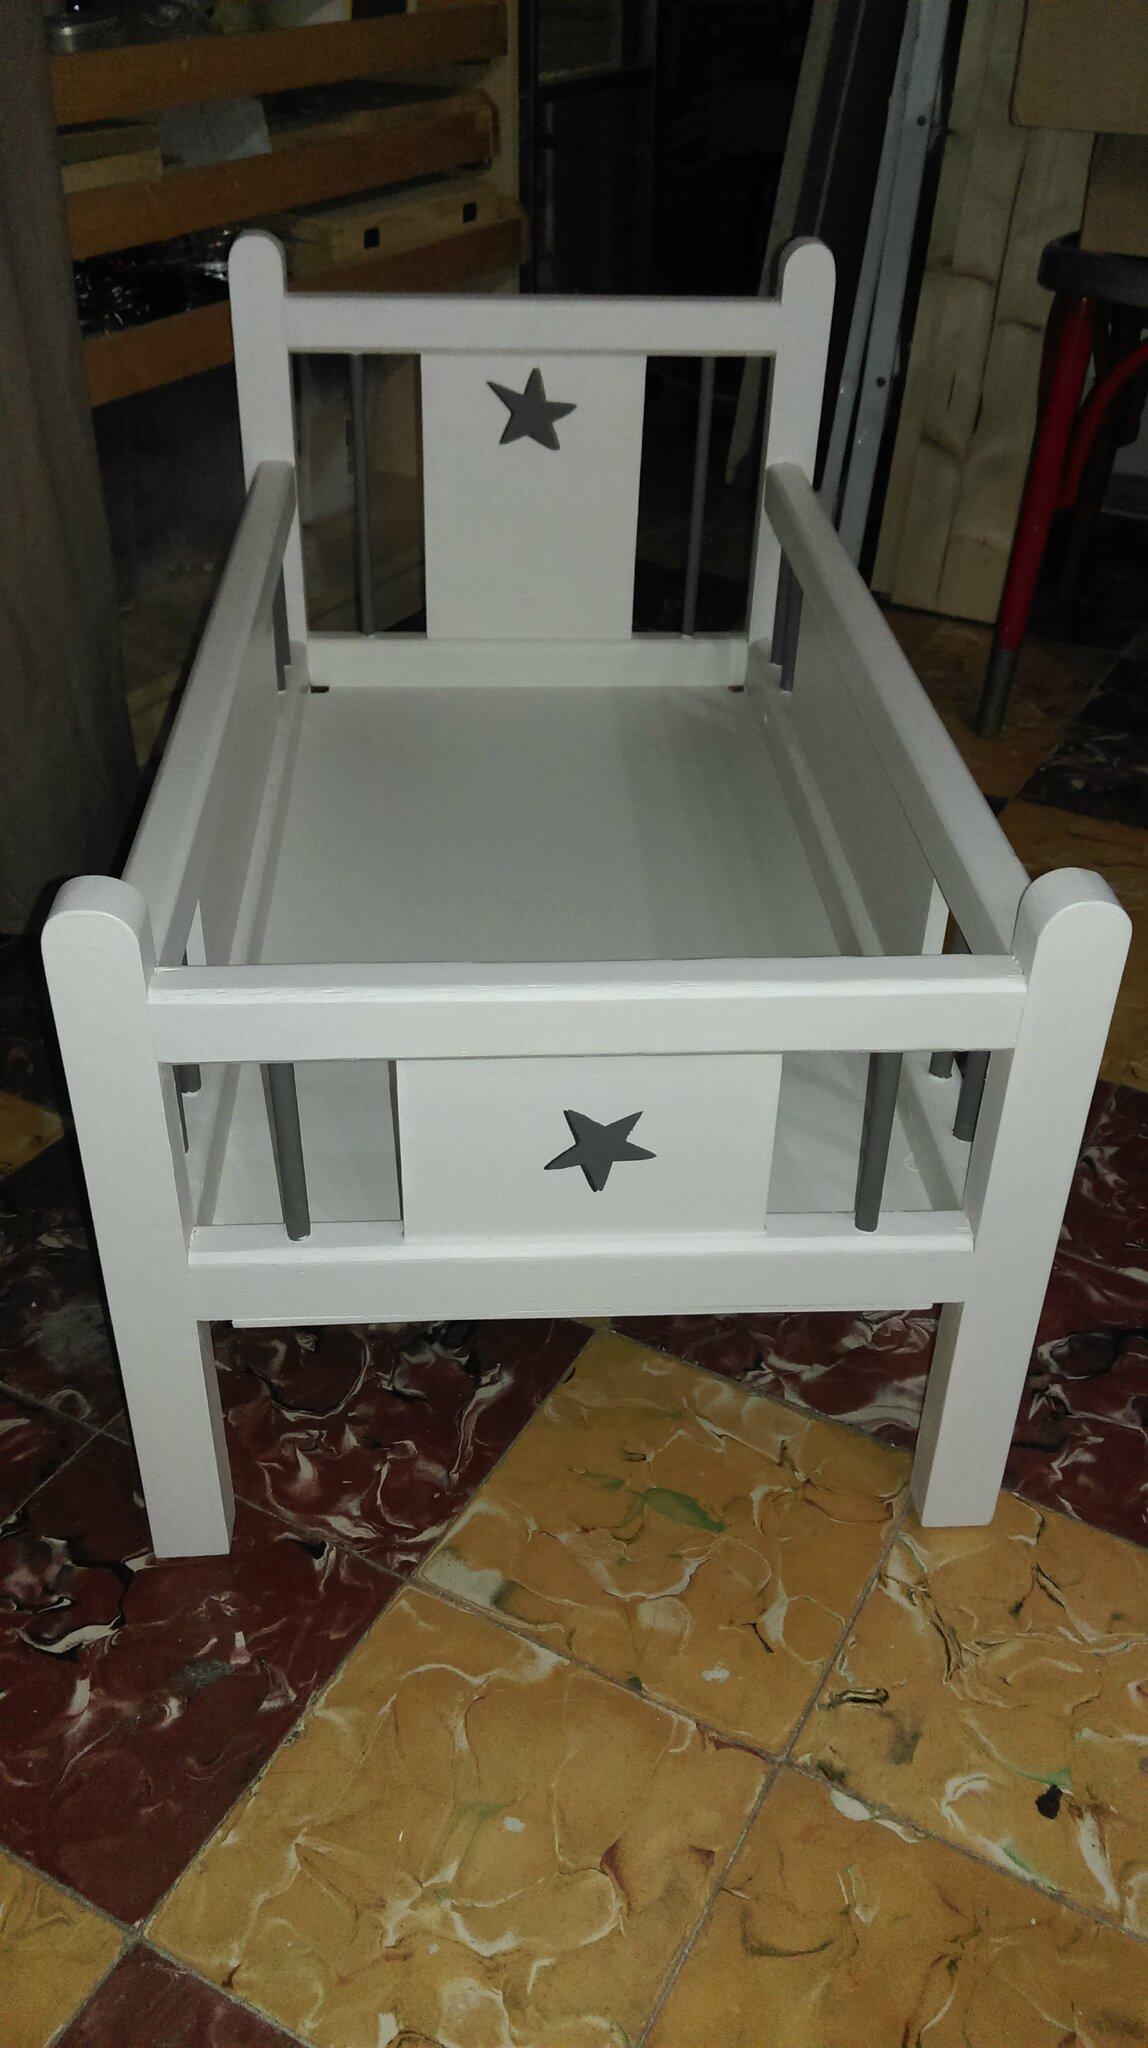 lit de poup e et bureau relook s par laurence bazz 39 art cr ation. Black Bedroom Furniture Sets. Home Design Ideas